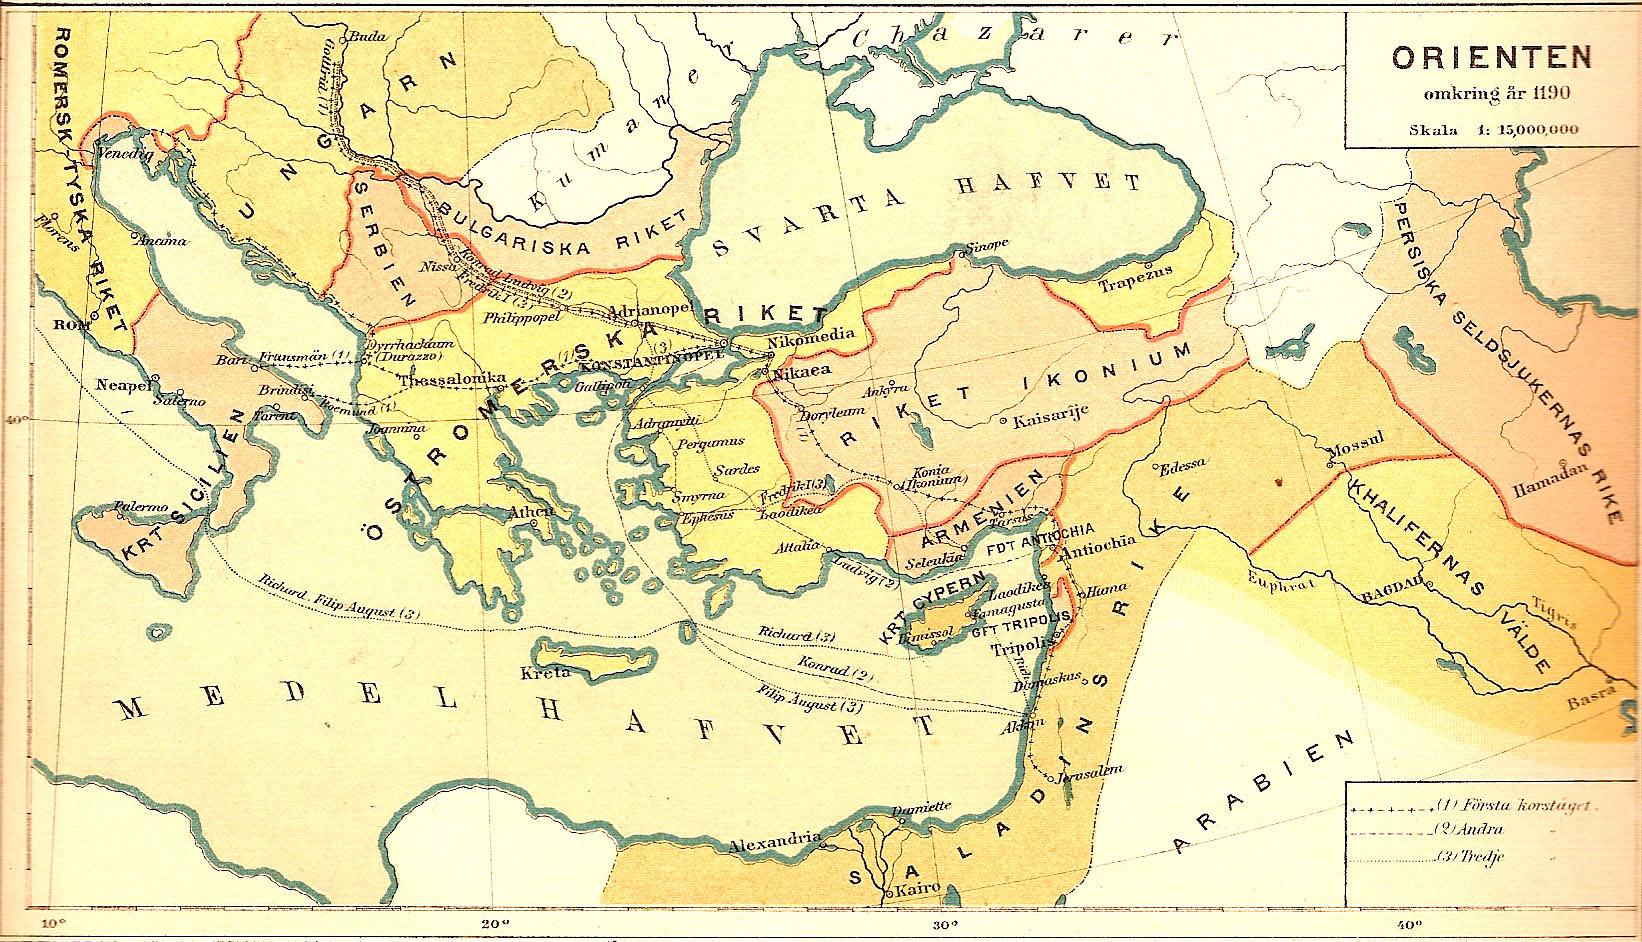 Jaffavagen anvand sedan medeltiden 3